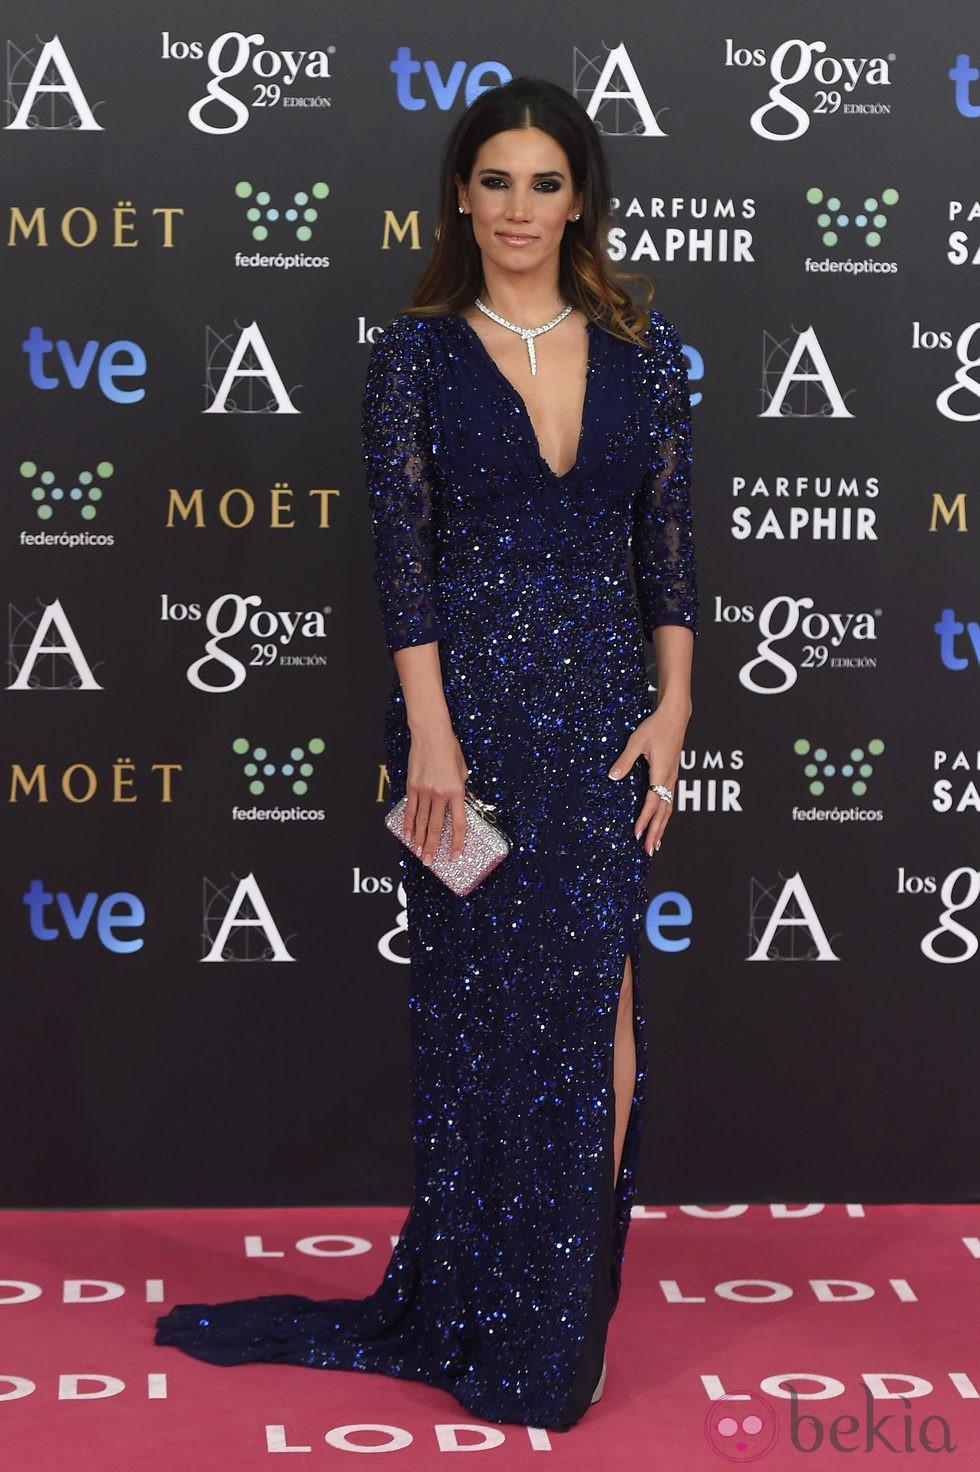 India Martínez en la alfombra roja de los Goya 2015